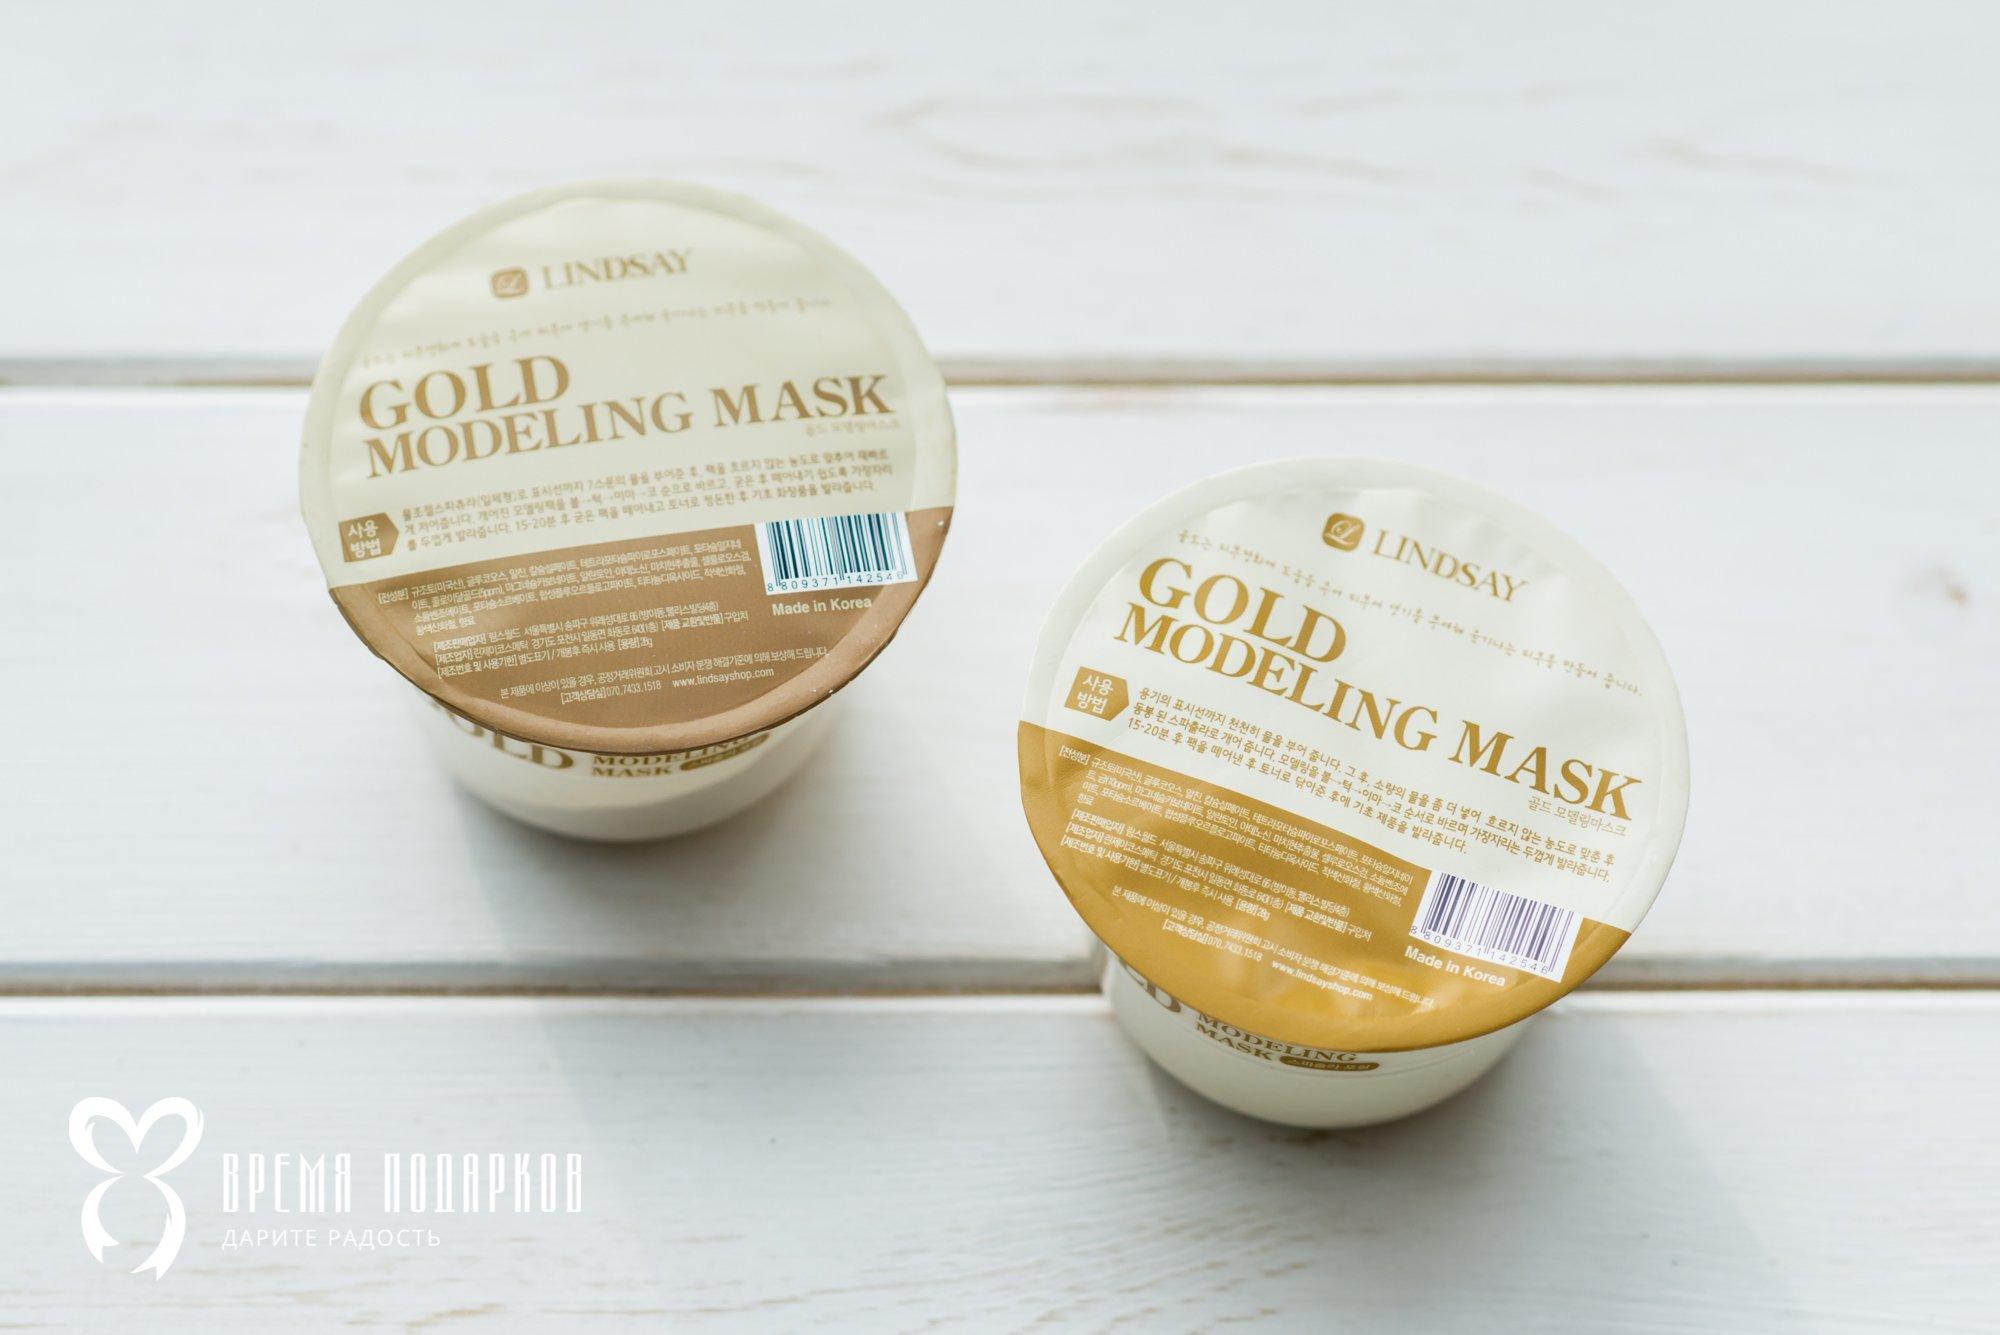 Купить Моделирующая альгинатная маска для лица с коллоидным золото LINDSAY MODELING MASK GOLD 30гр